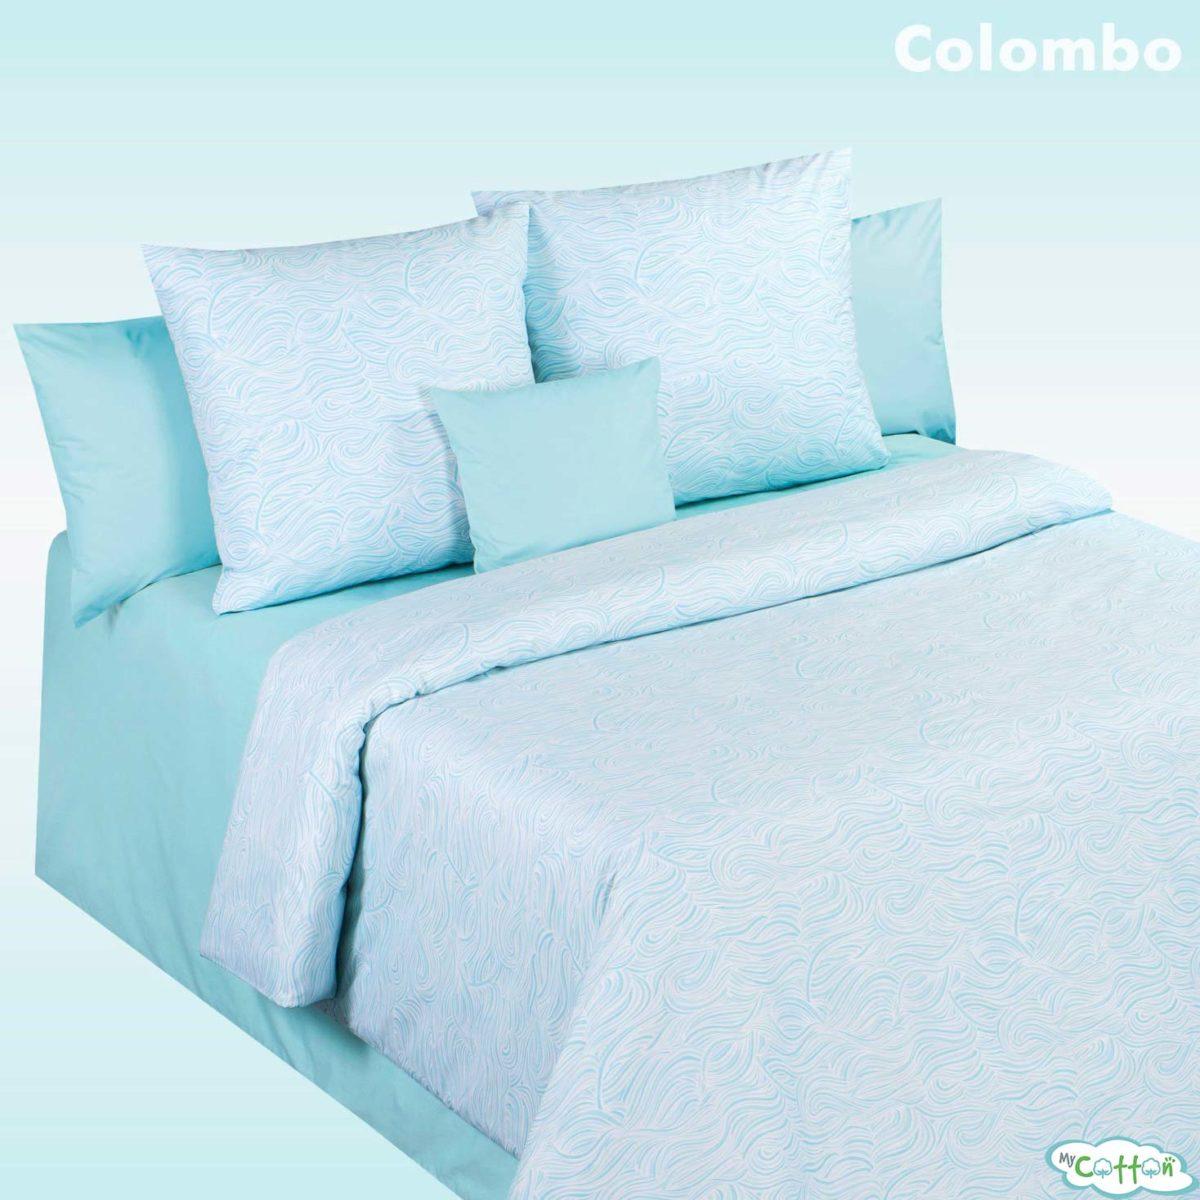 Постельное белье Colombo (Коломбо) Валенсия (Valencia)